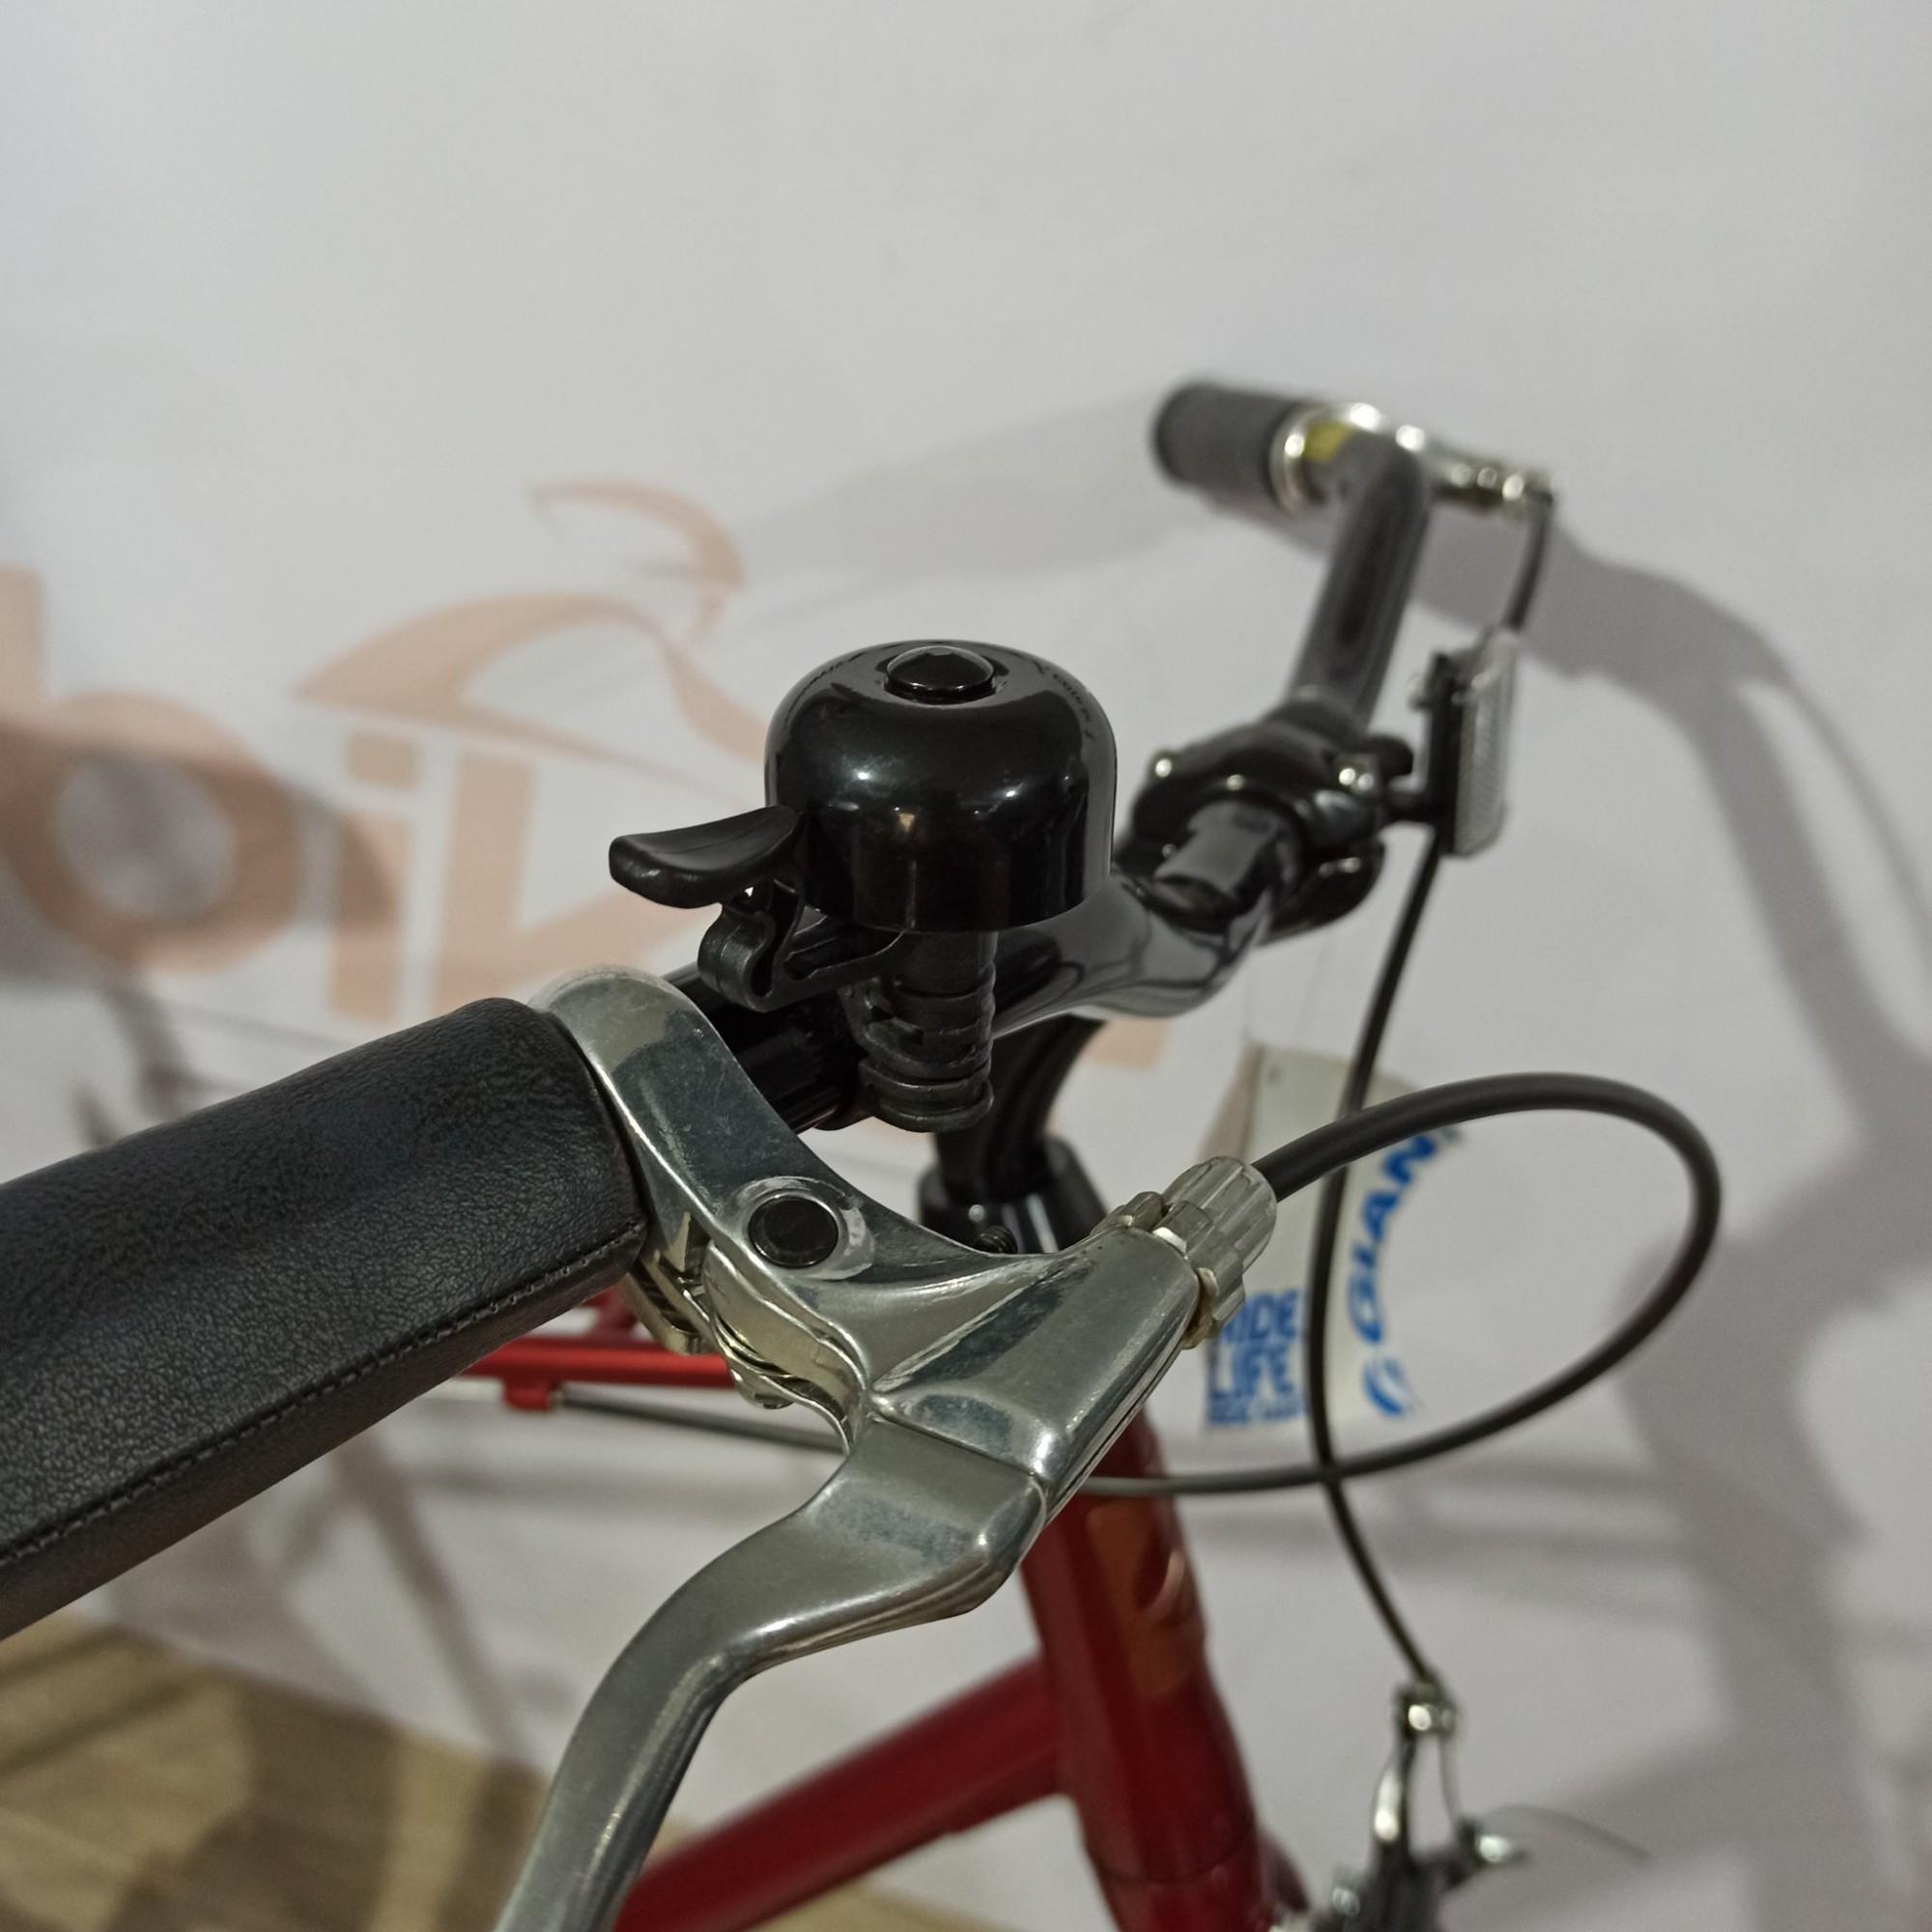 Bicicleta GIANT Retrô 700 Urbana Via 3 - Vermelho/Preto